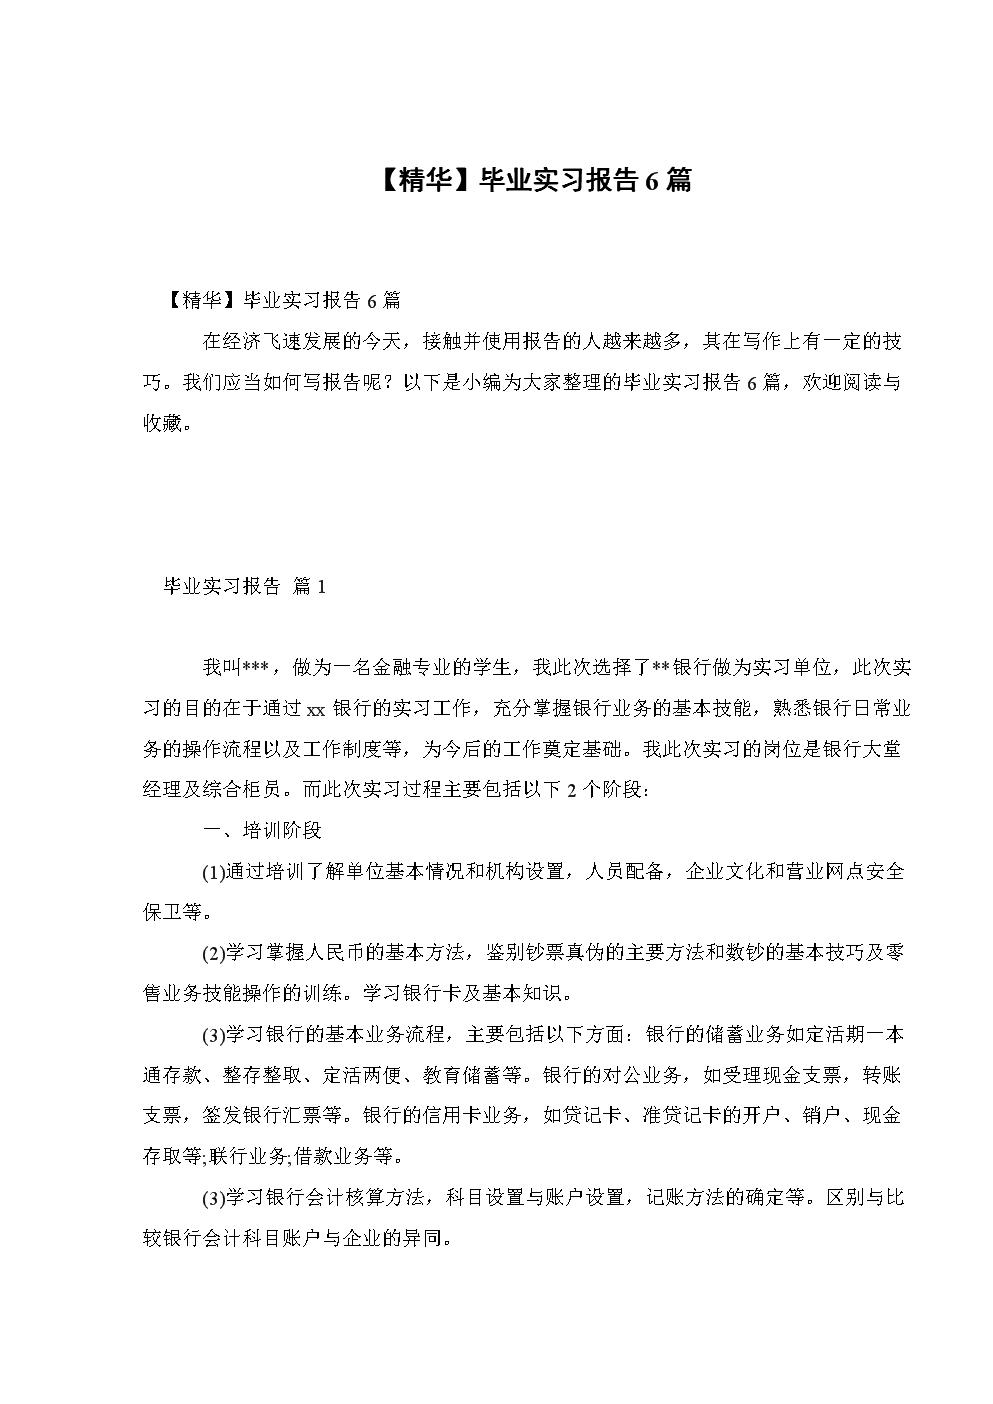 【精华】毕业实习报告6篇.doc